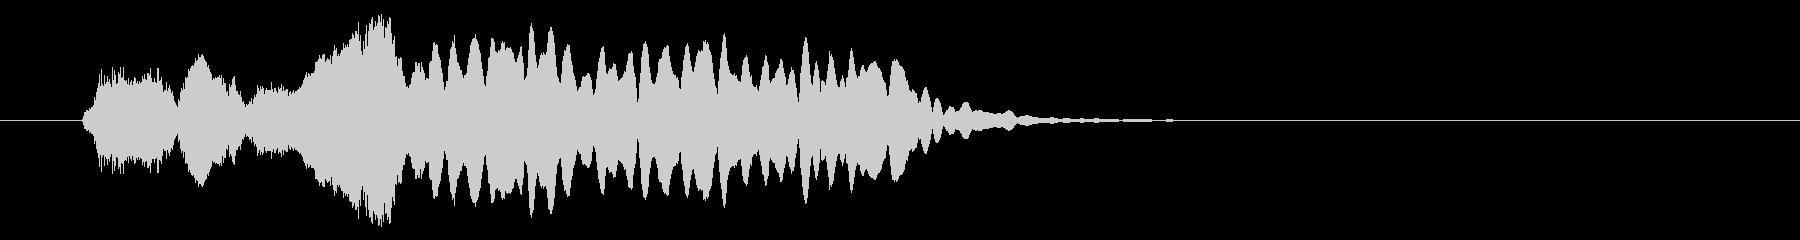 和の素材_尺八フレーズ2の未再生の波形